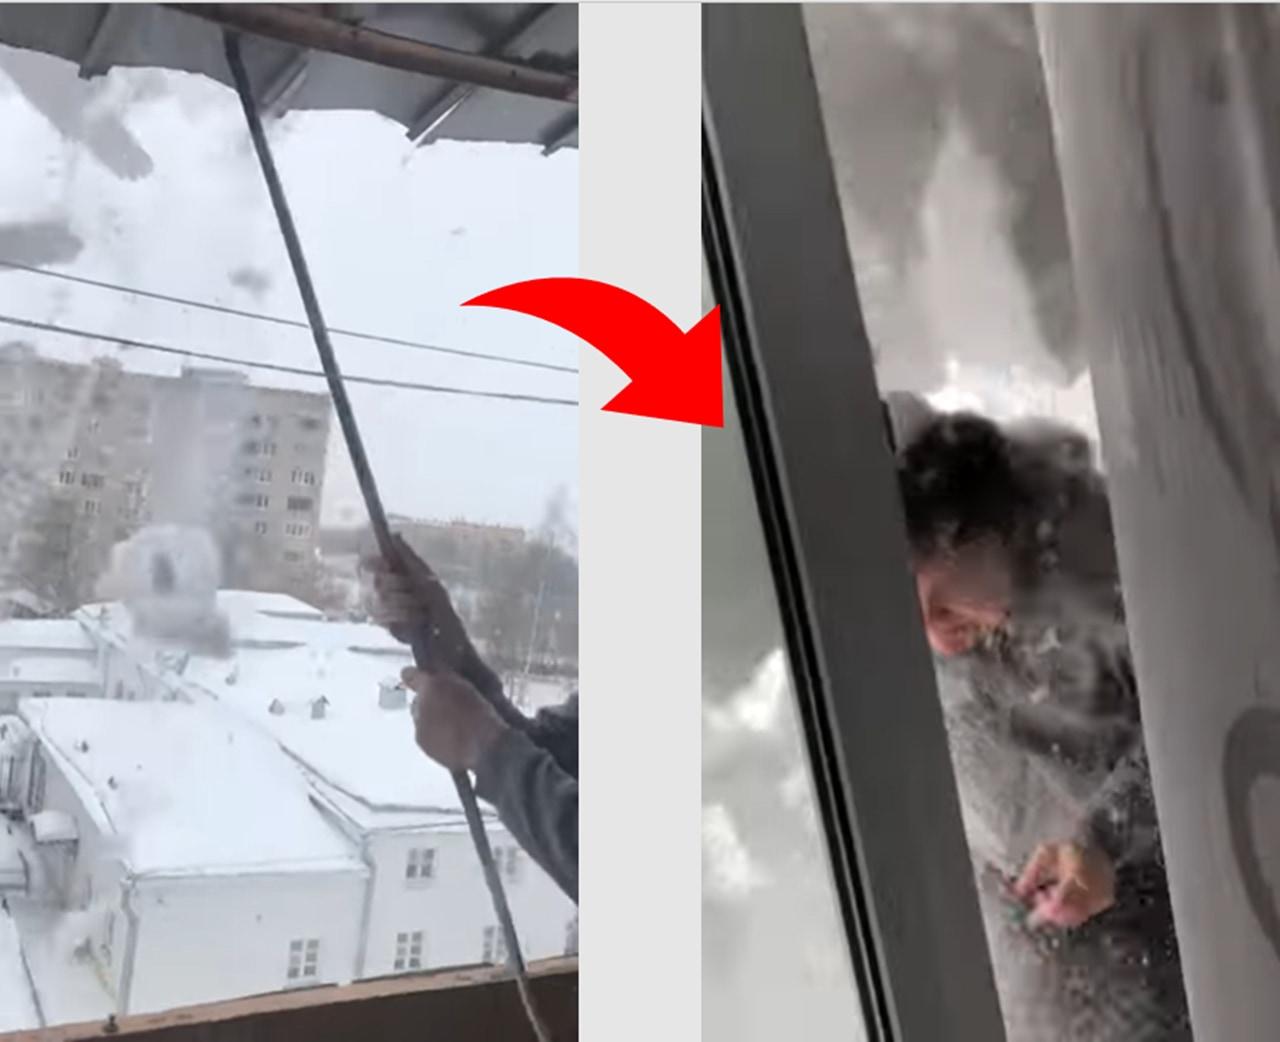 屋根の雪下ろしをする男性。この後とんでもない結末が...!